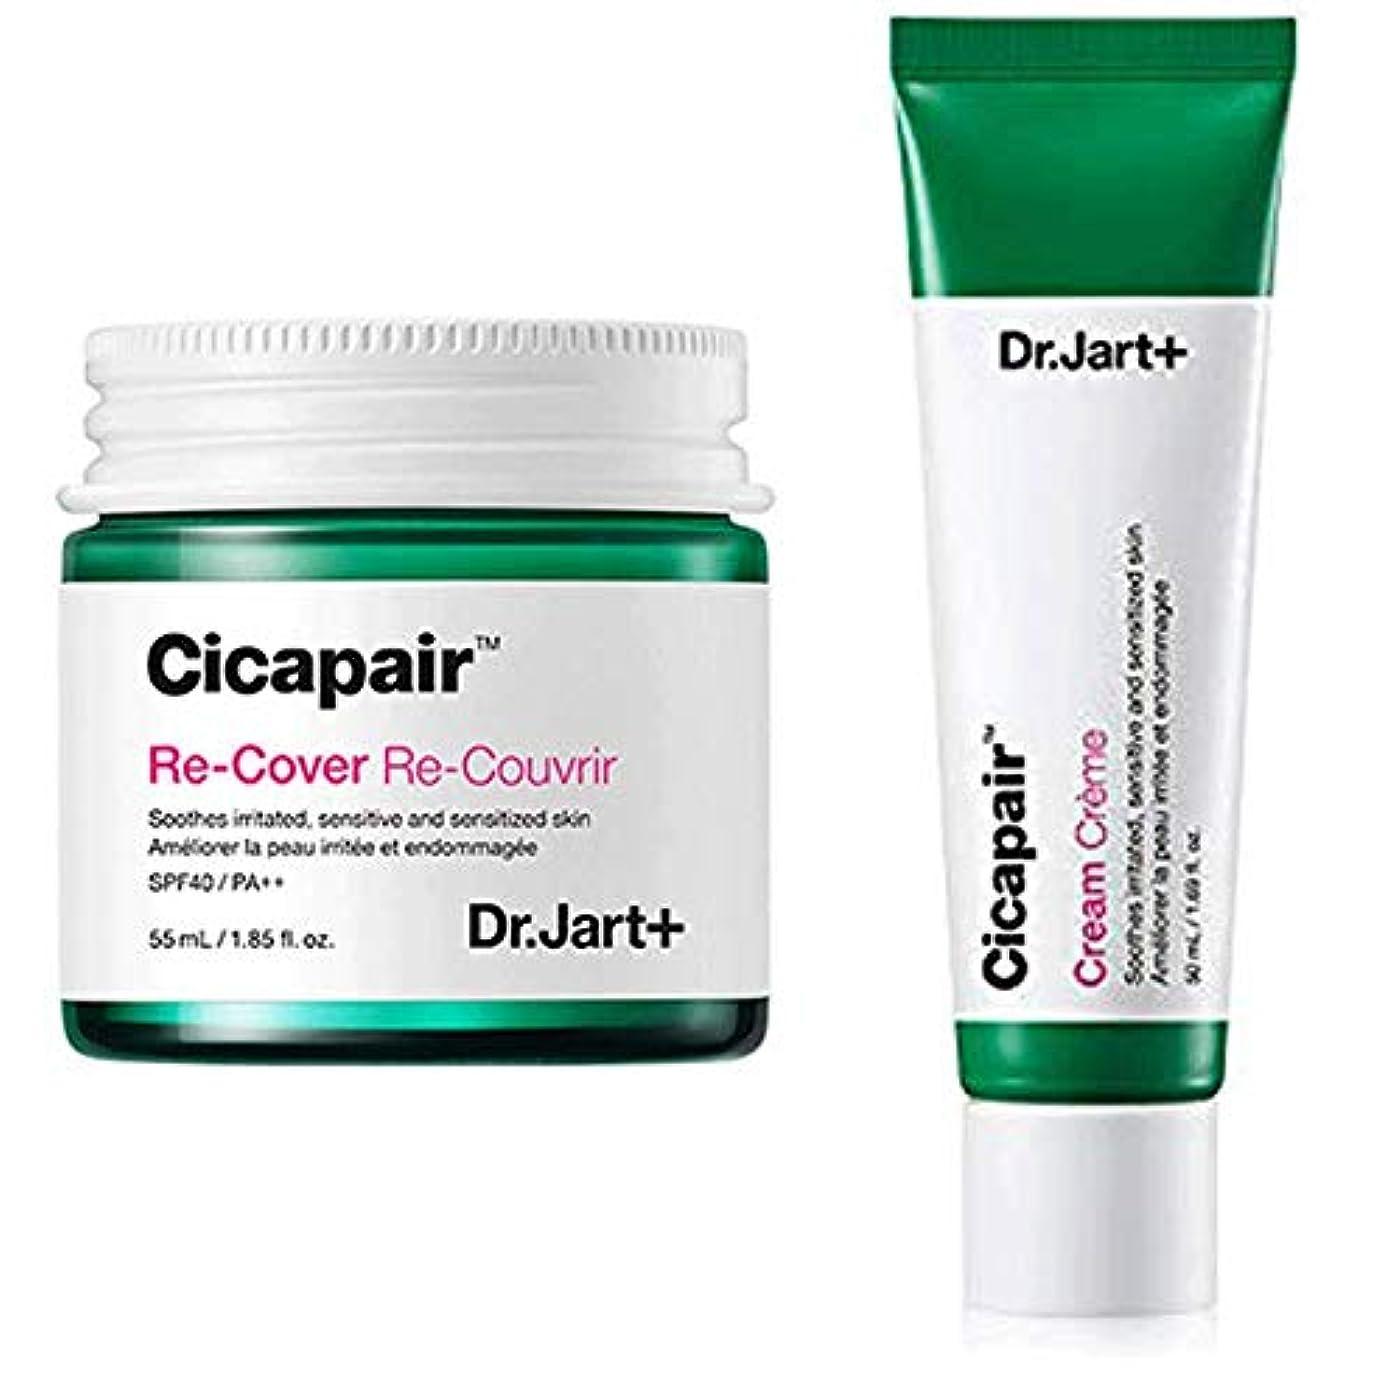 ハイライト徹底的に頭Dr.Jart+ Cicapair Cream + ReCover ドクタージャルトシカペアクリーム50ml + リカバー 55ml (2代目) セット [並行輸入品]